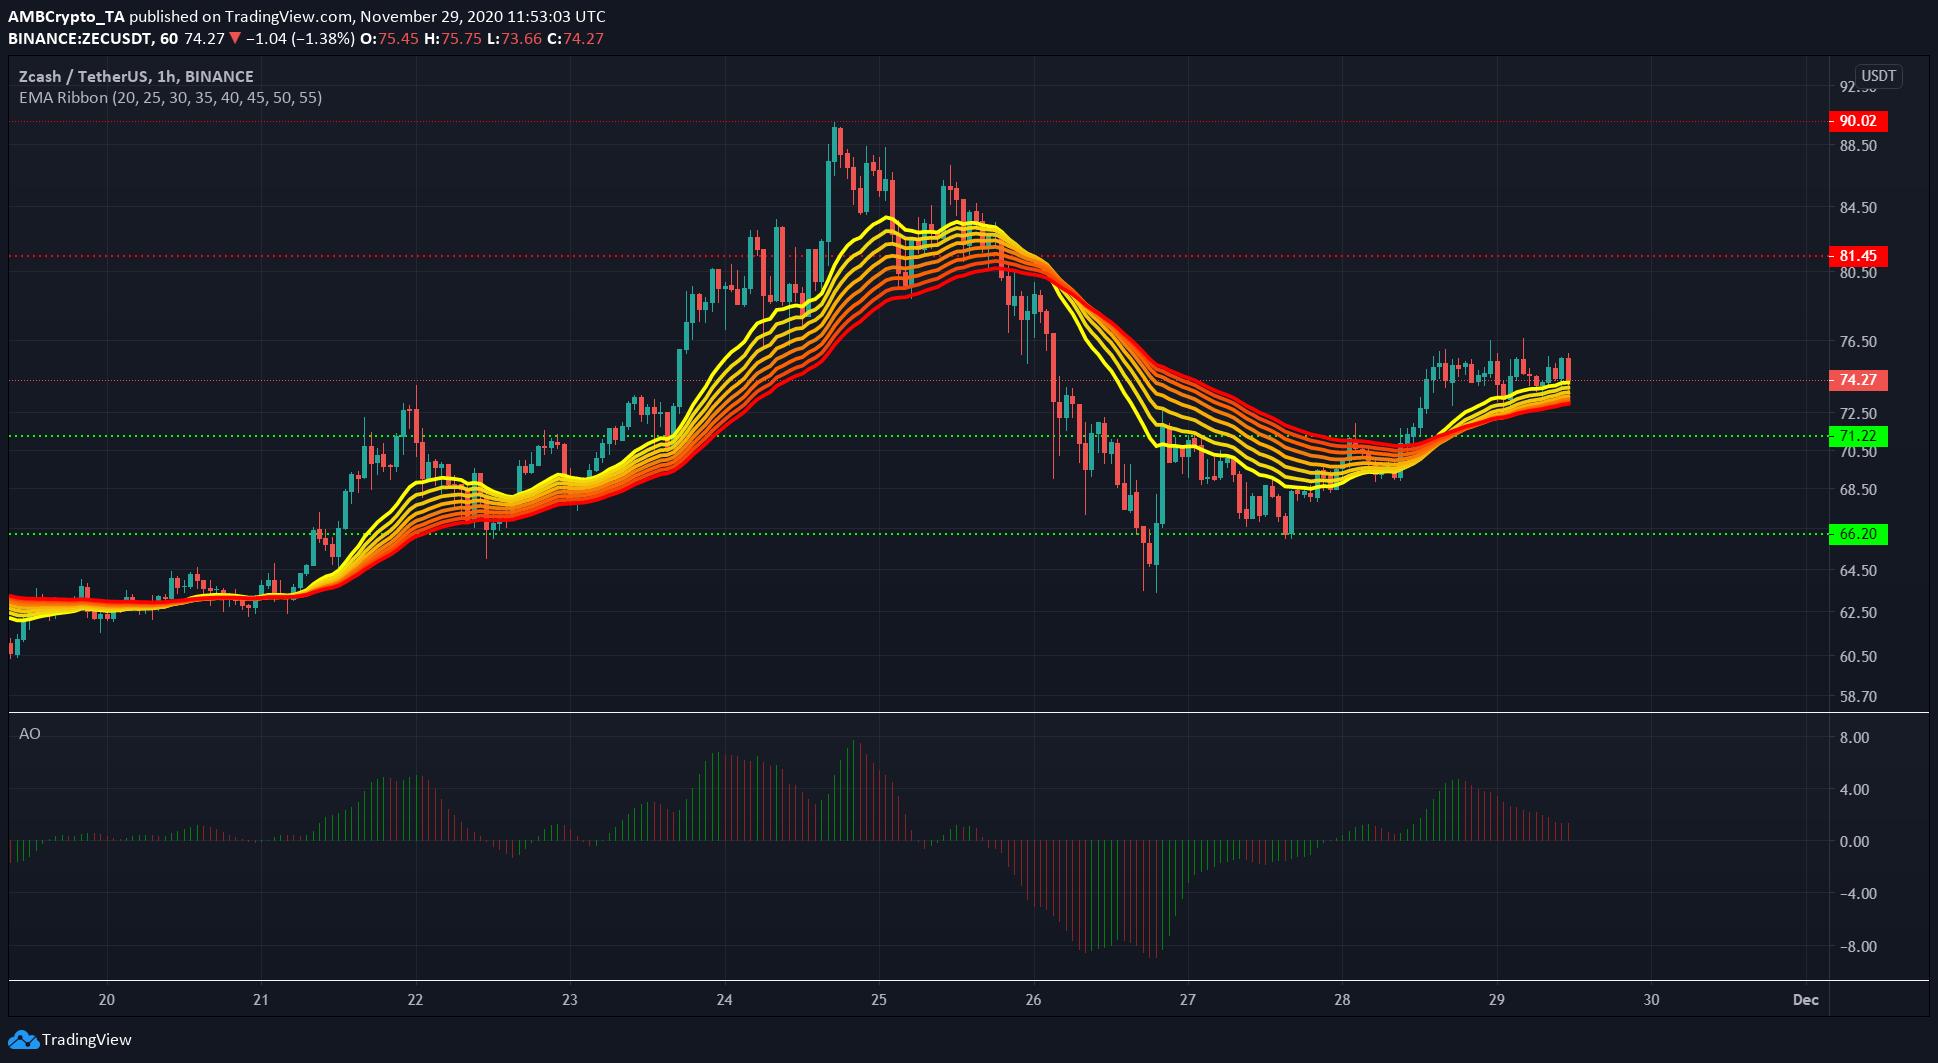 Análisis de precios de monedas XRP, Zcash, Crypto.com: 29 de noviembre